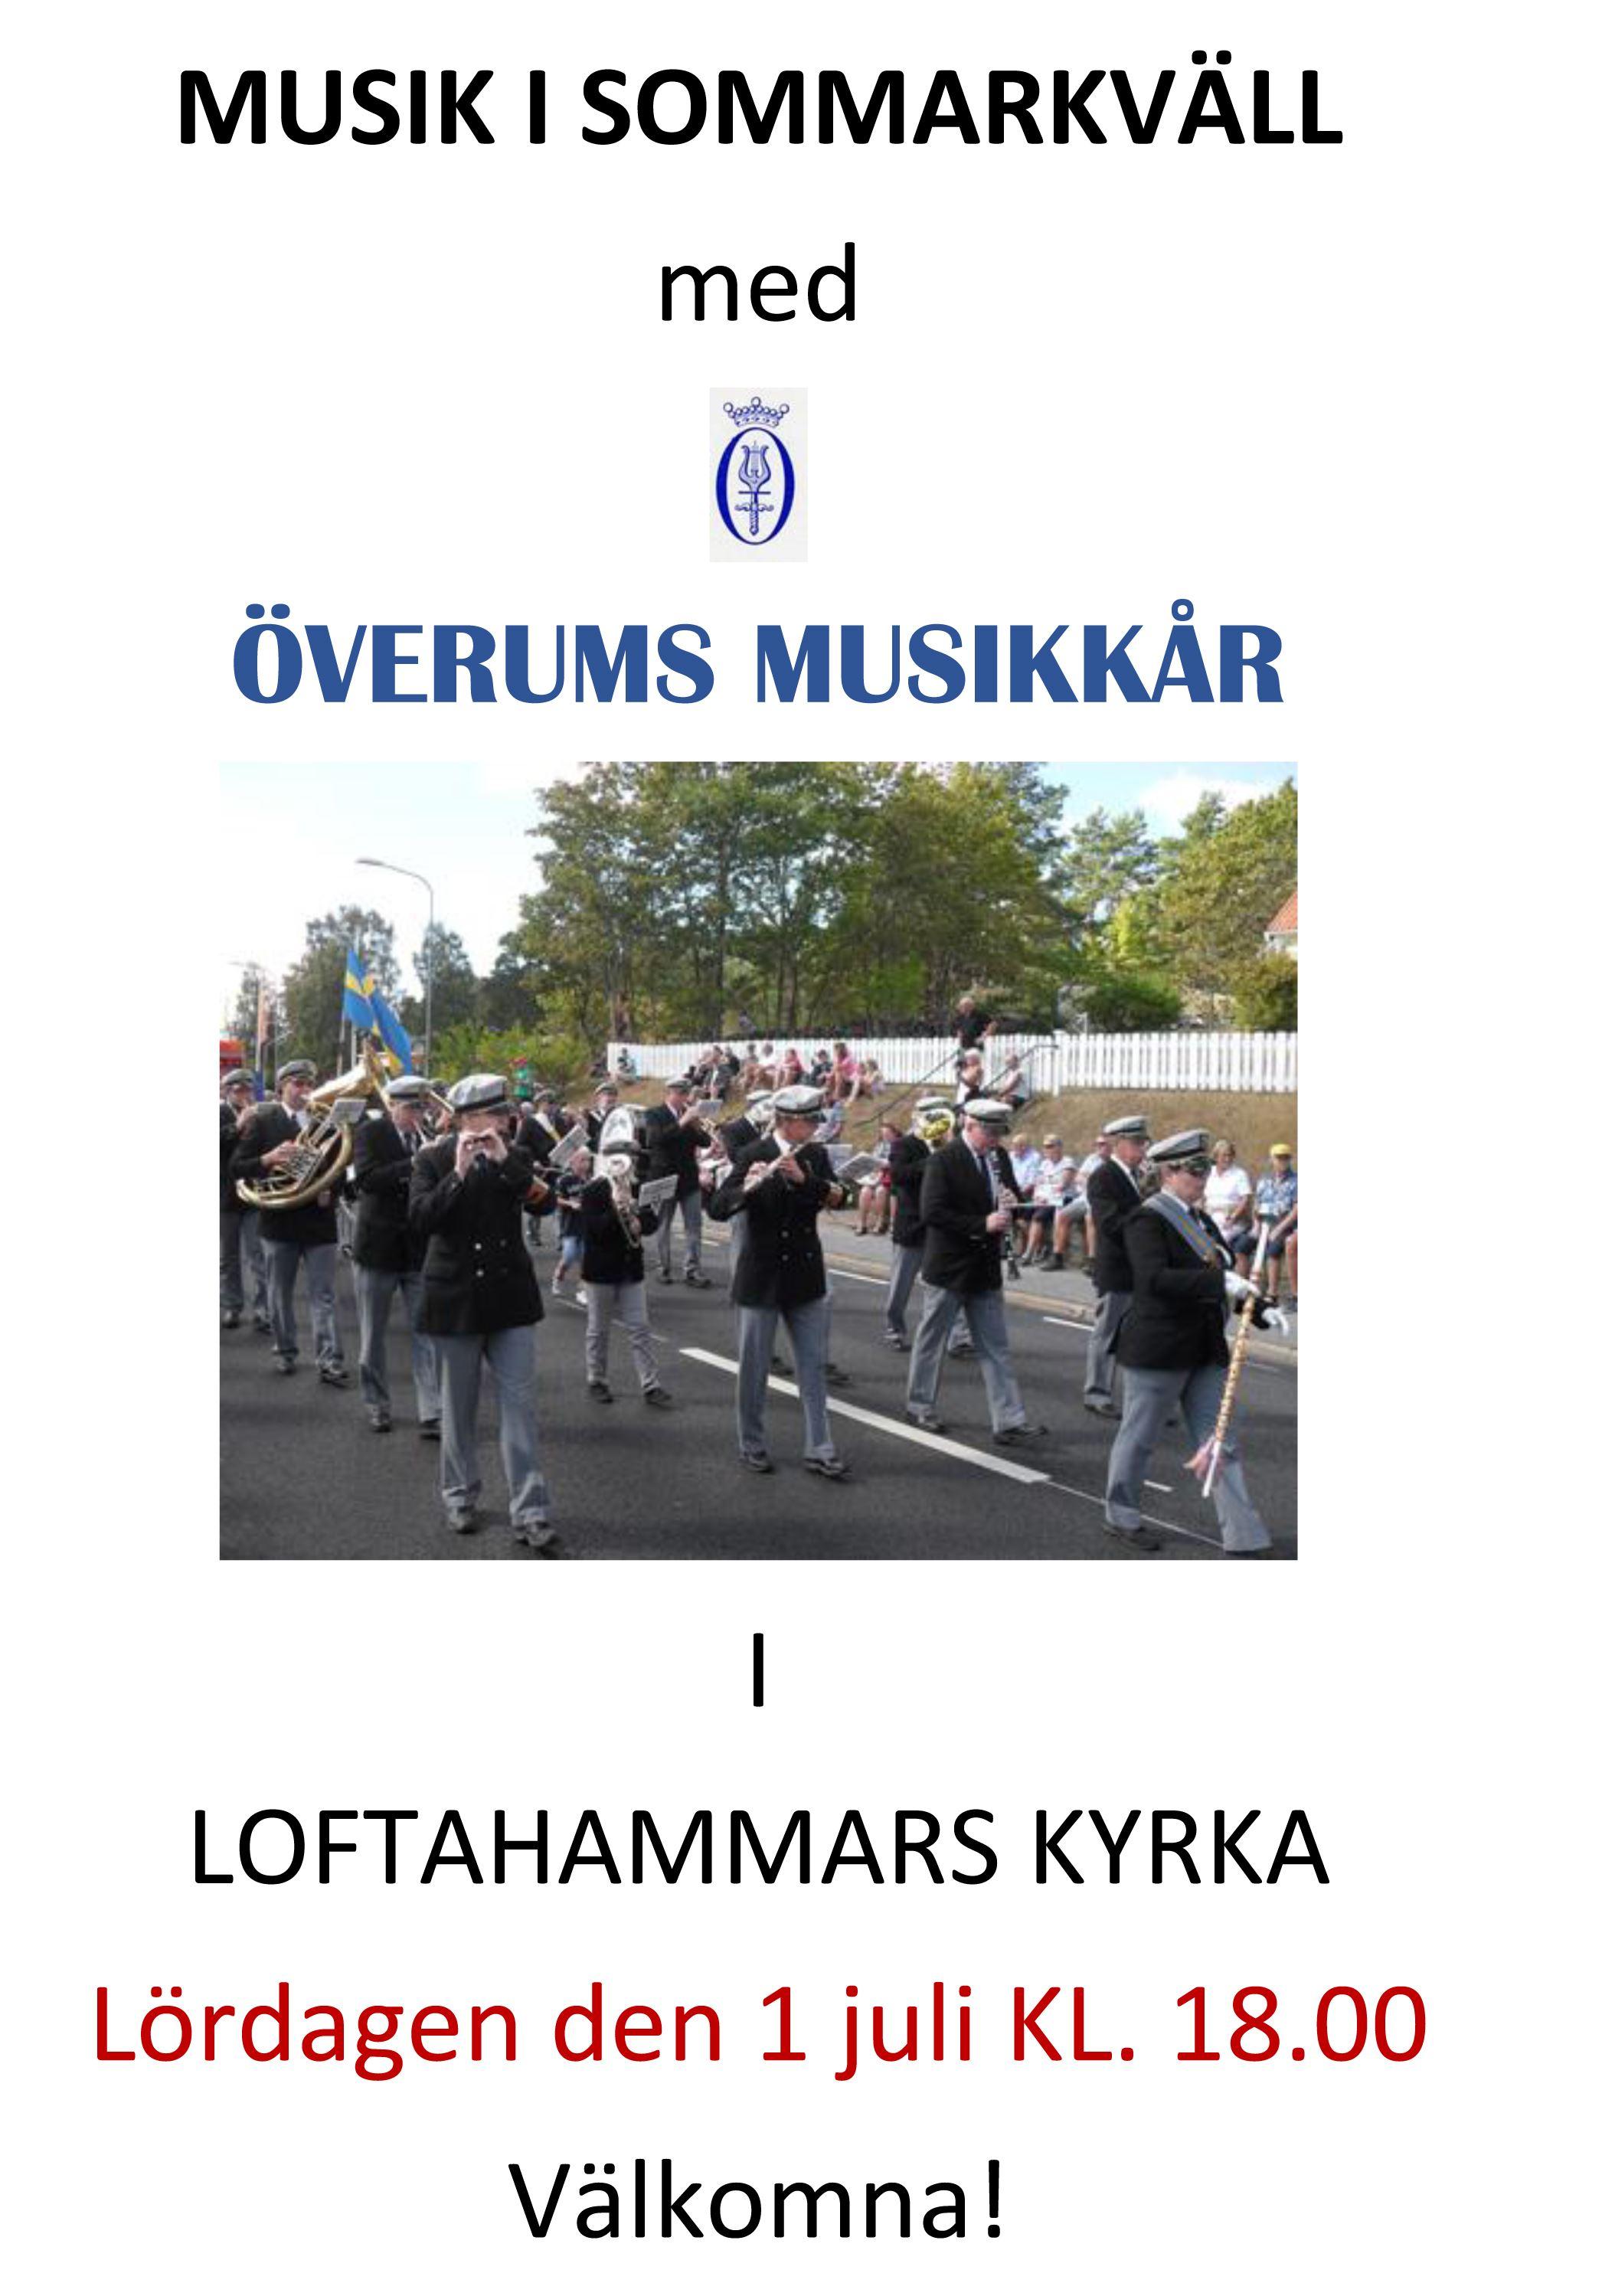 Musik i sommarkväll med Överums musikkår